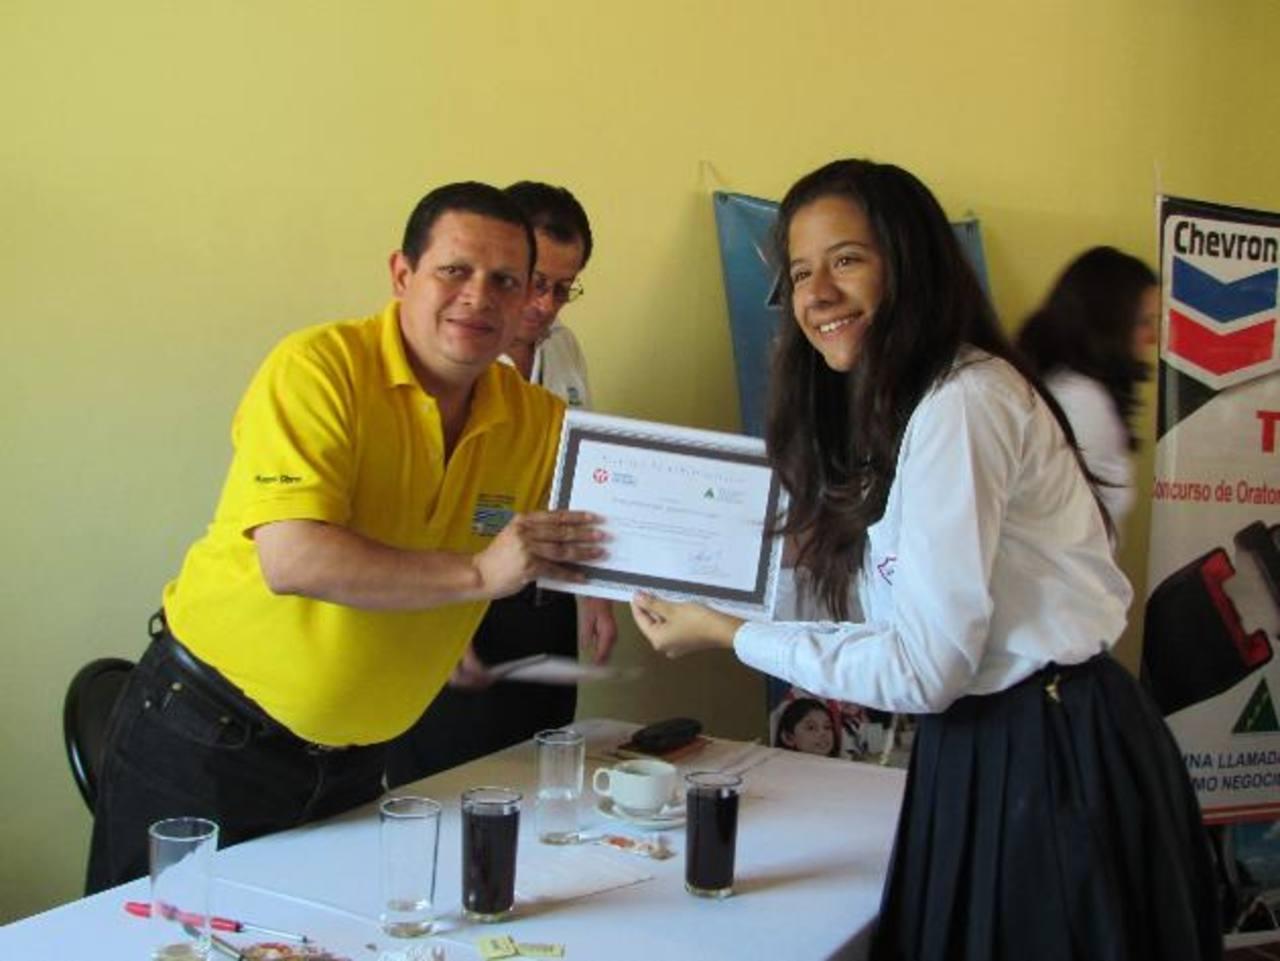 Los jóvenes que participaron eran de tres centros escolares del occidente del país. Foto EDH / Mauricio Guevara